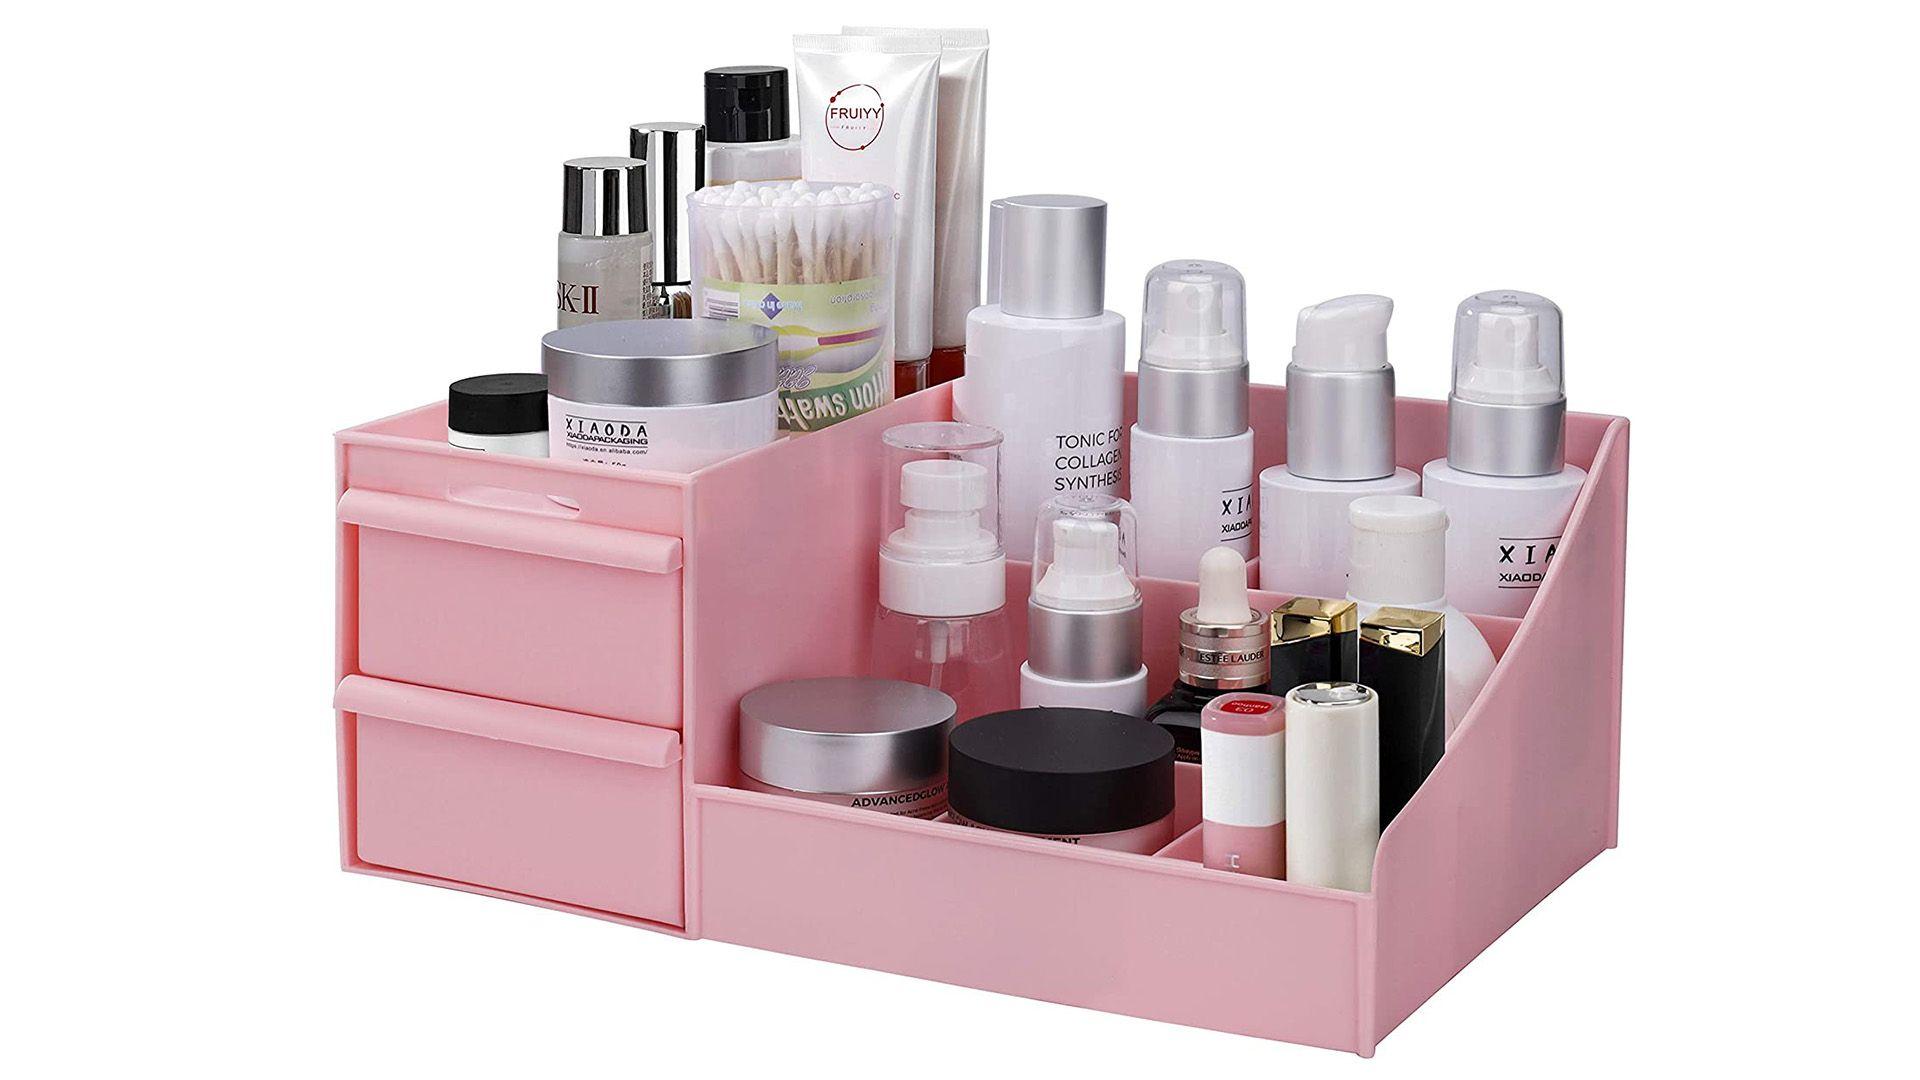 Organizador de maquillaje bonito